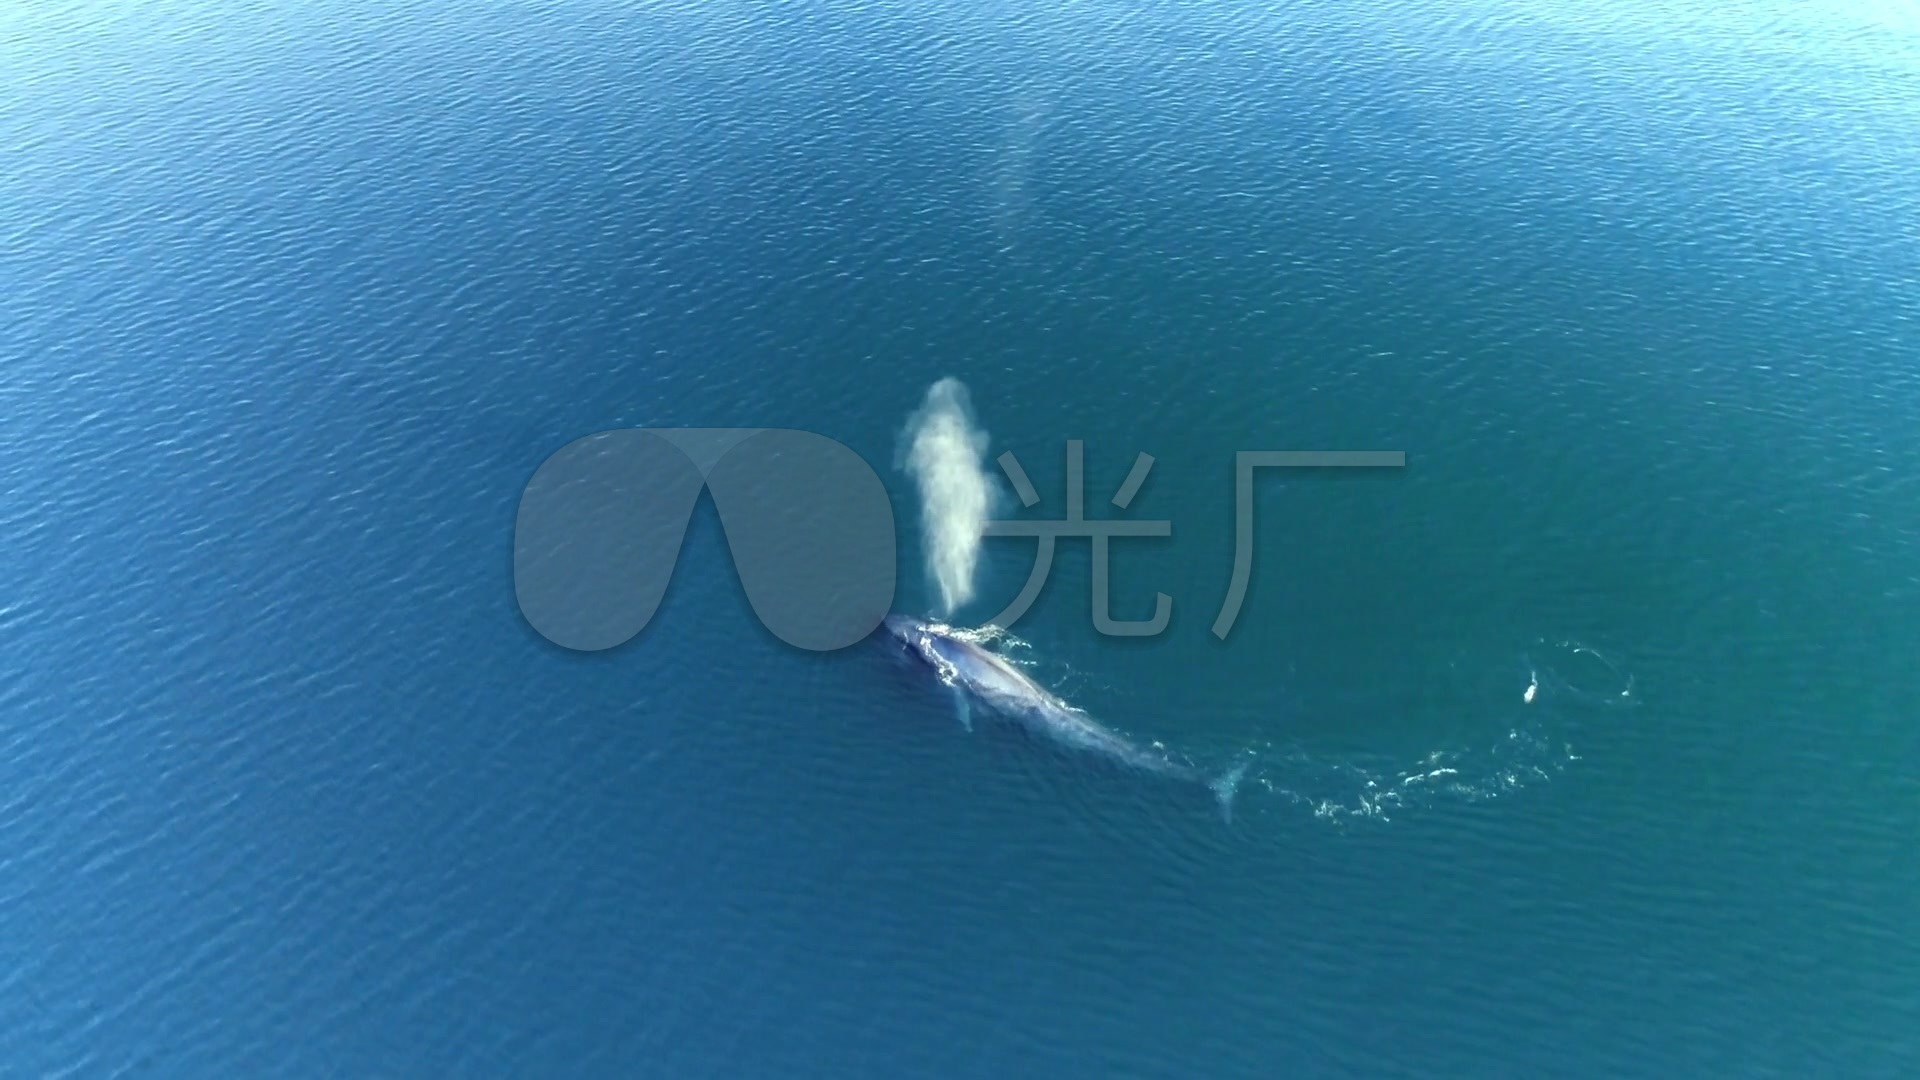 大素材视频高清_1920X1080_素材苹果鲨鱼下被范冰冰强爆视频视频图片